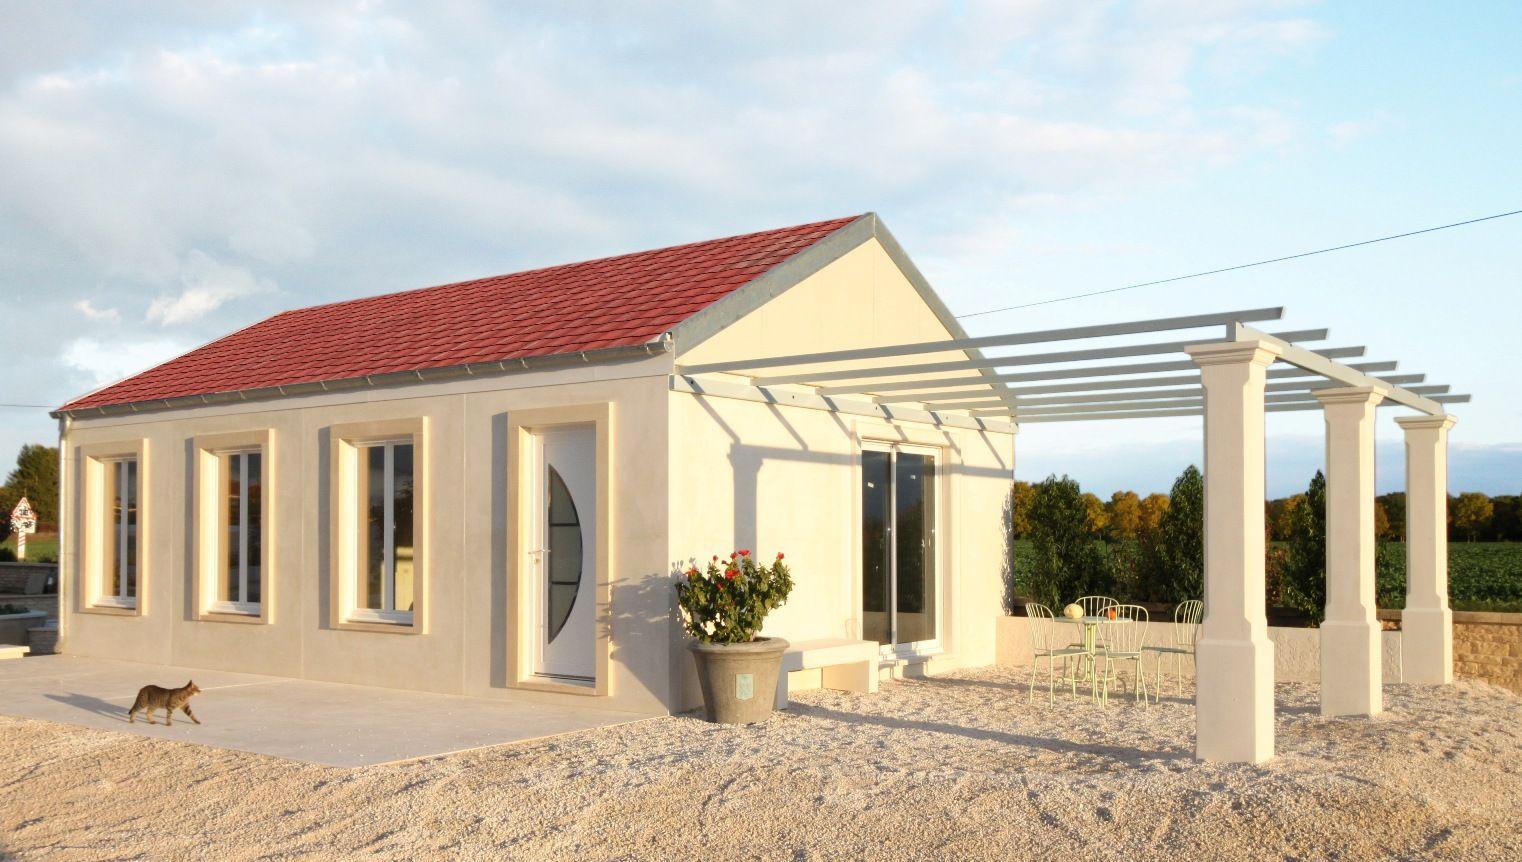 maison en prefabrique 28 images maison en prefabrique ventana maison construite en pr 233. Black Bedroom Furniture Sets. Home Design Ideas